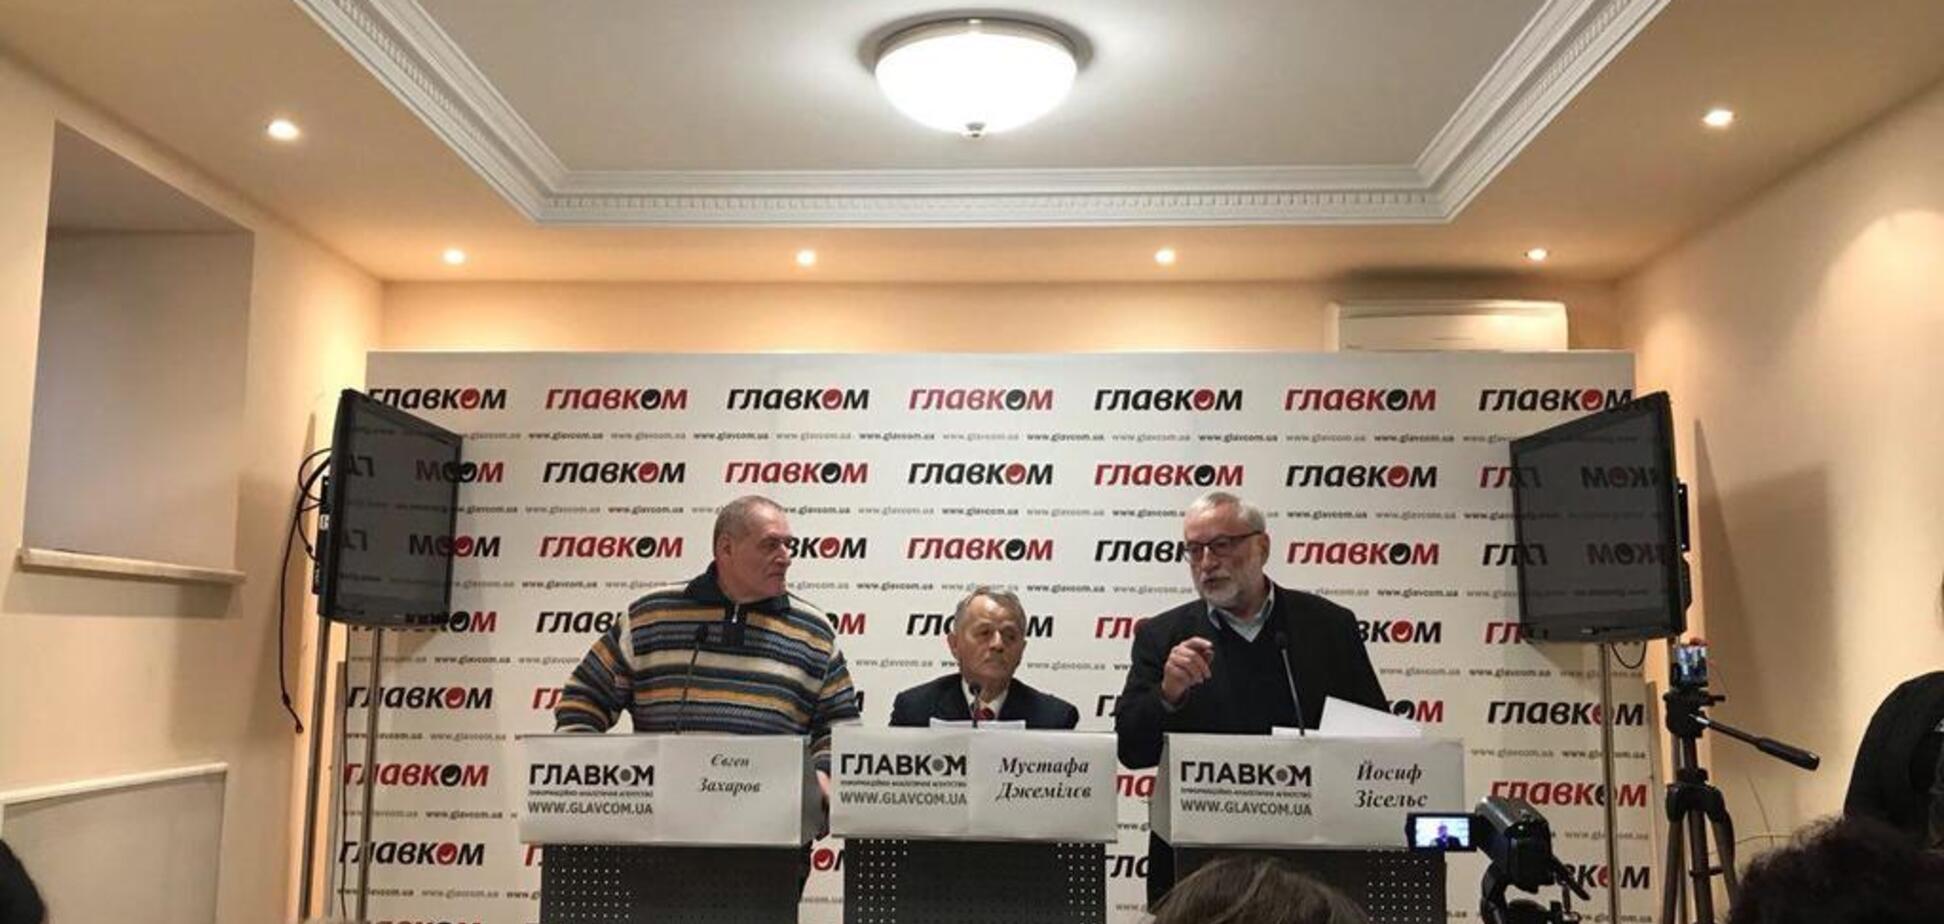 'Гірше, ніж КДБ': правозахисники вимагають відставки керівництва НАБУ і САП